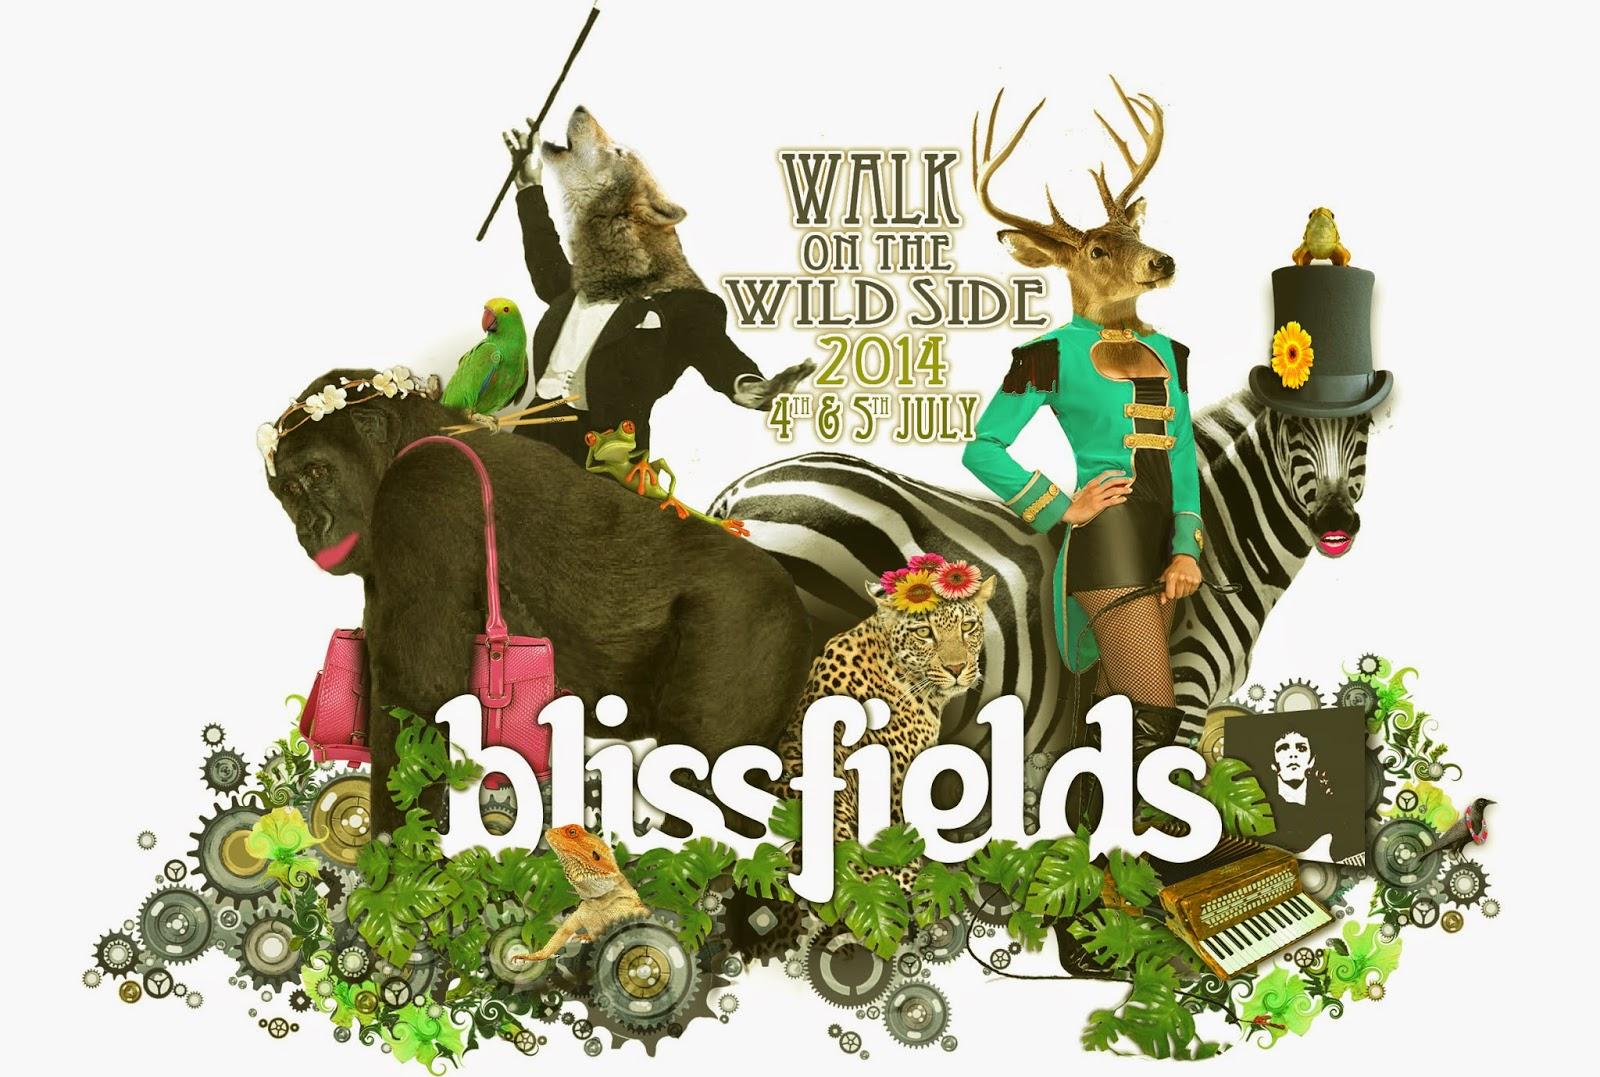 Blissfields festival 2014